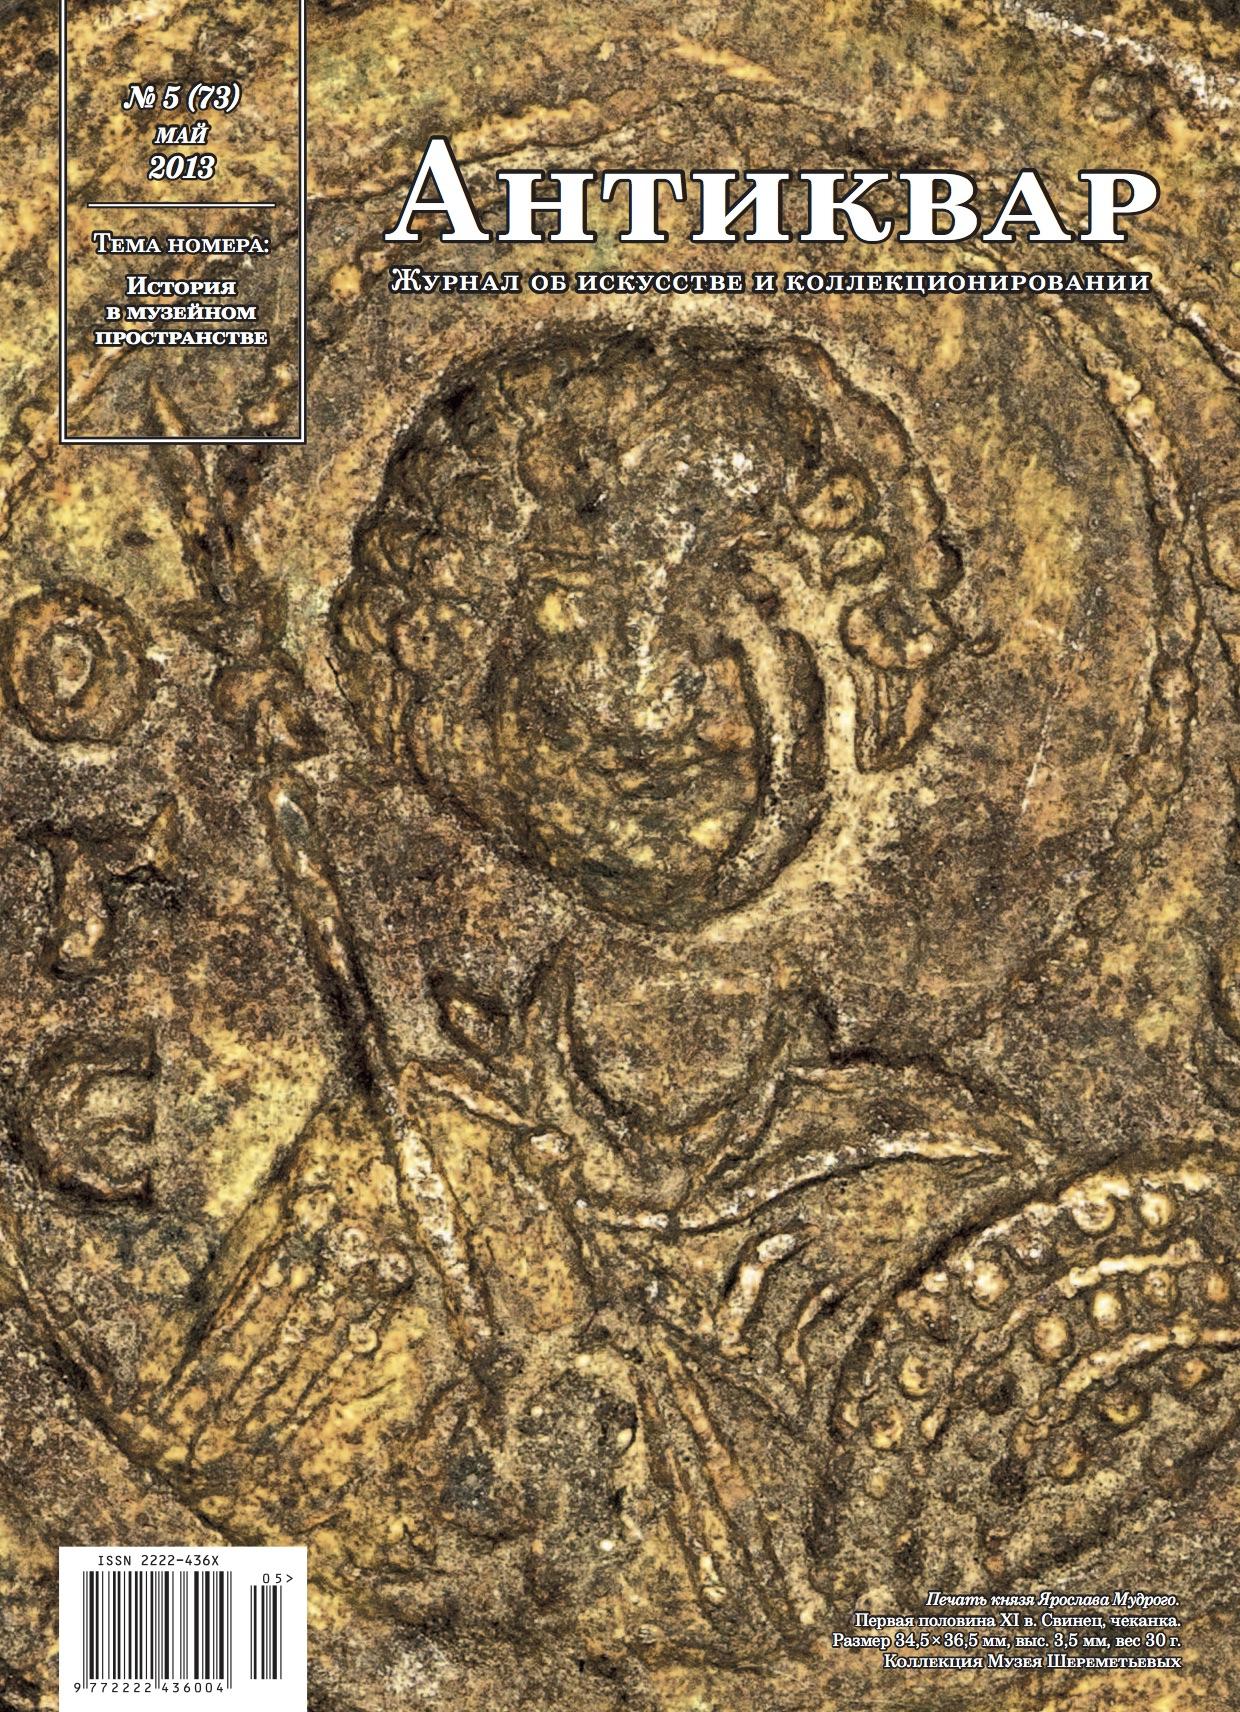 Журнал Антиквар #73: История в музейном пространстве